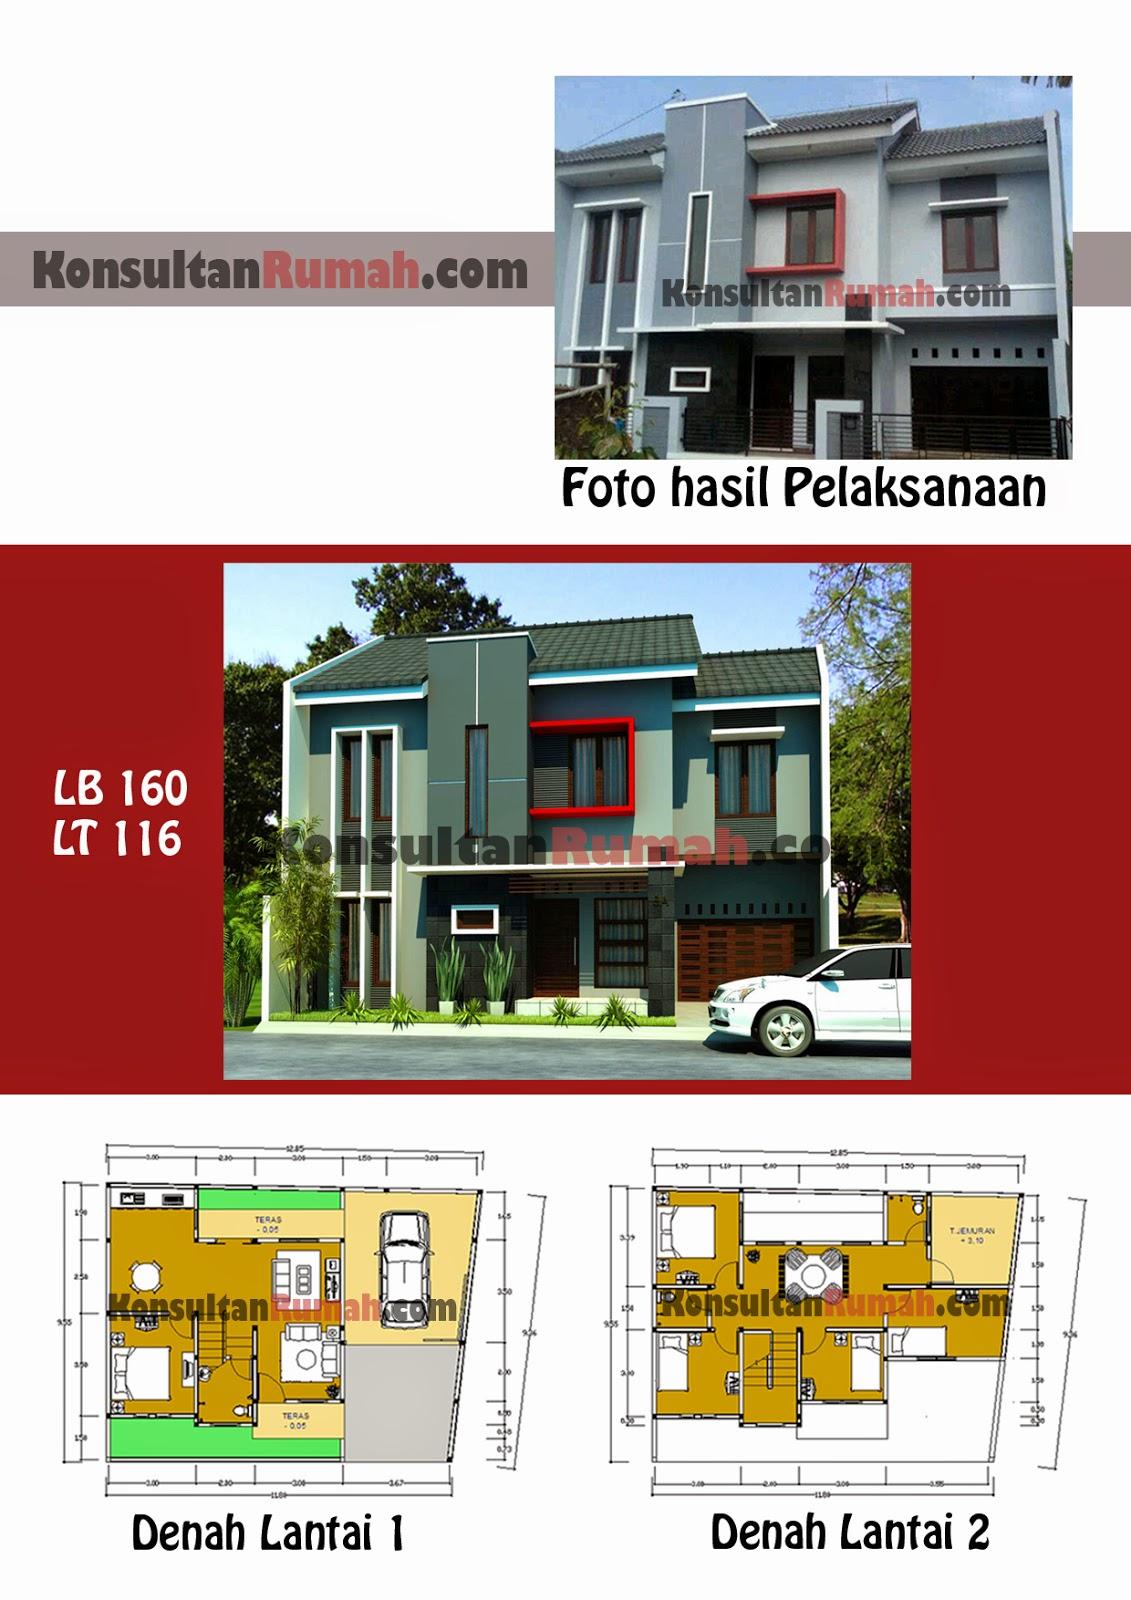 Desain Rumah Minimalis 2 Lantai Beserta Denah